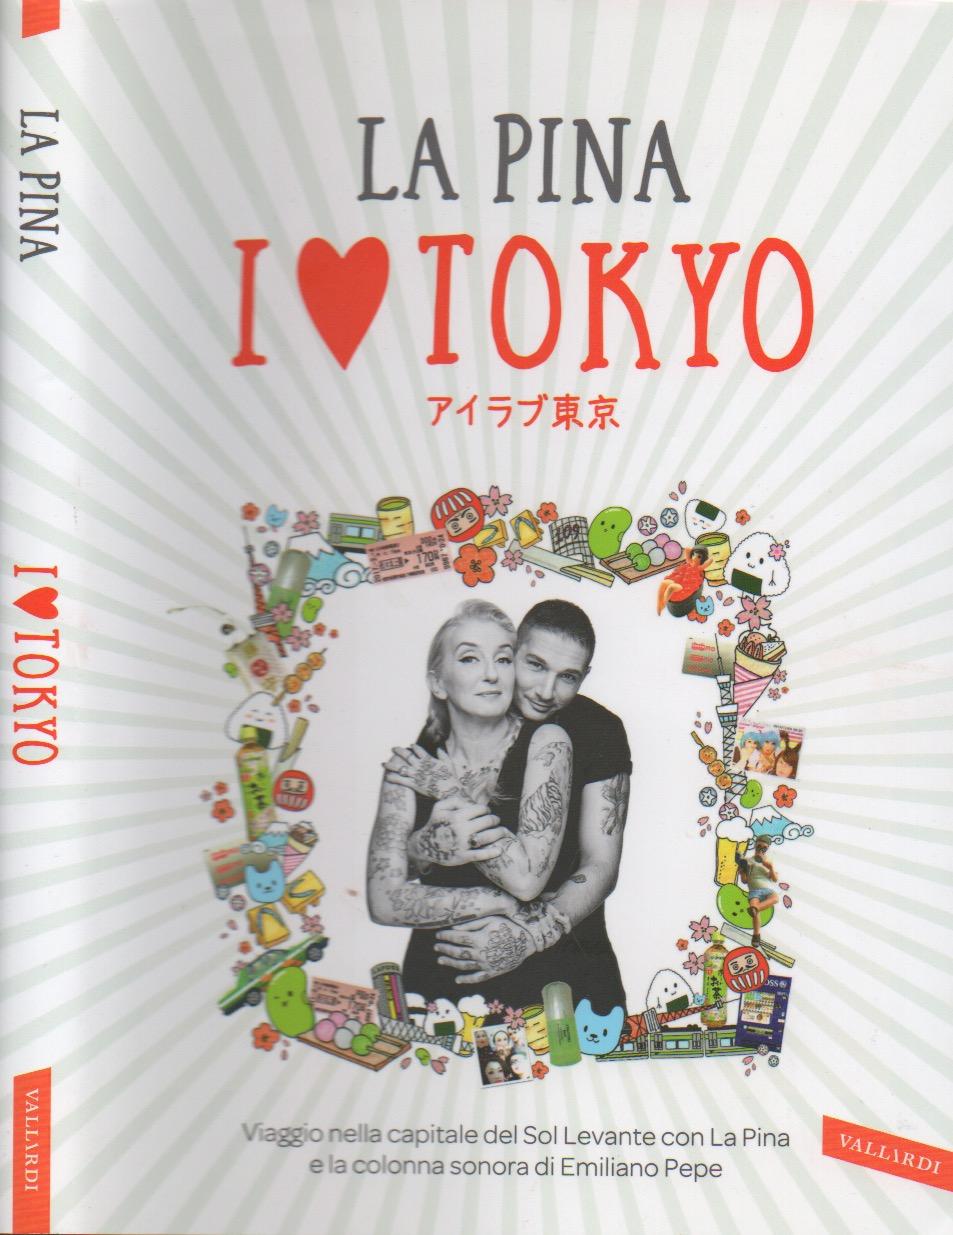 I love Tokyo - La Pina